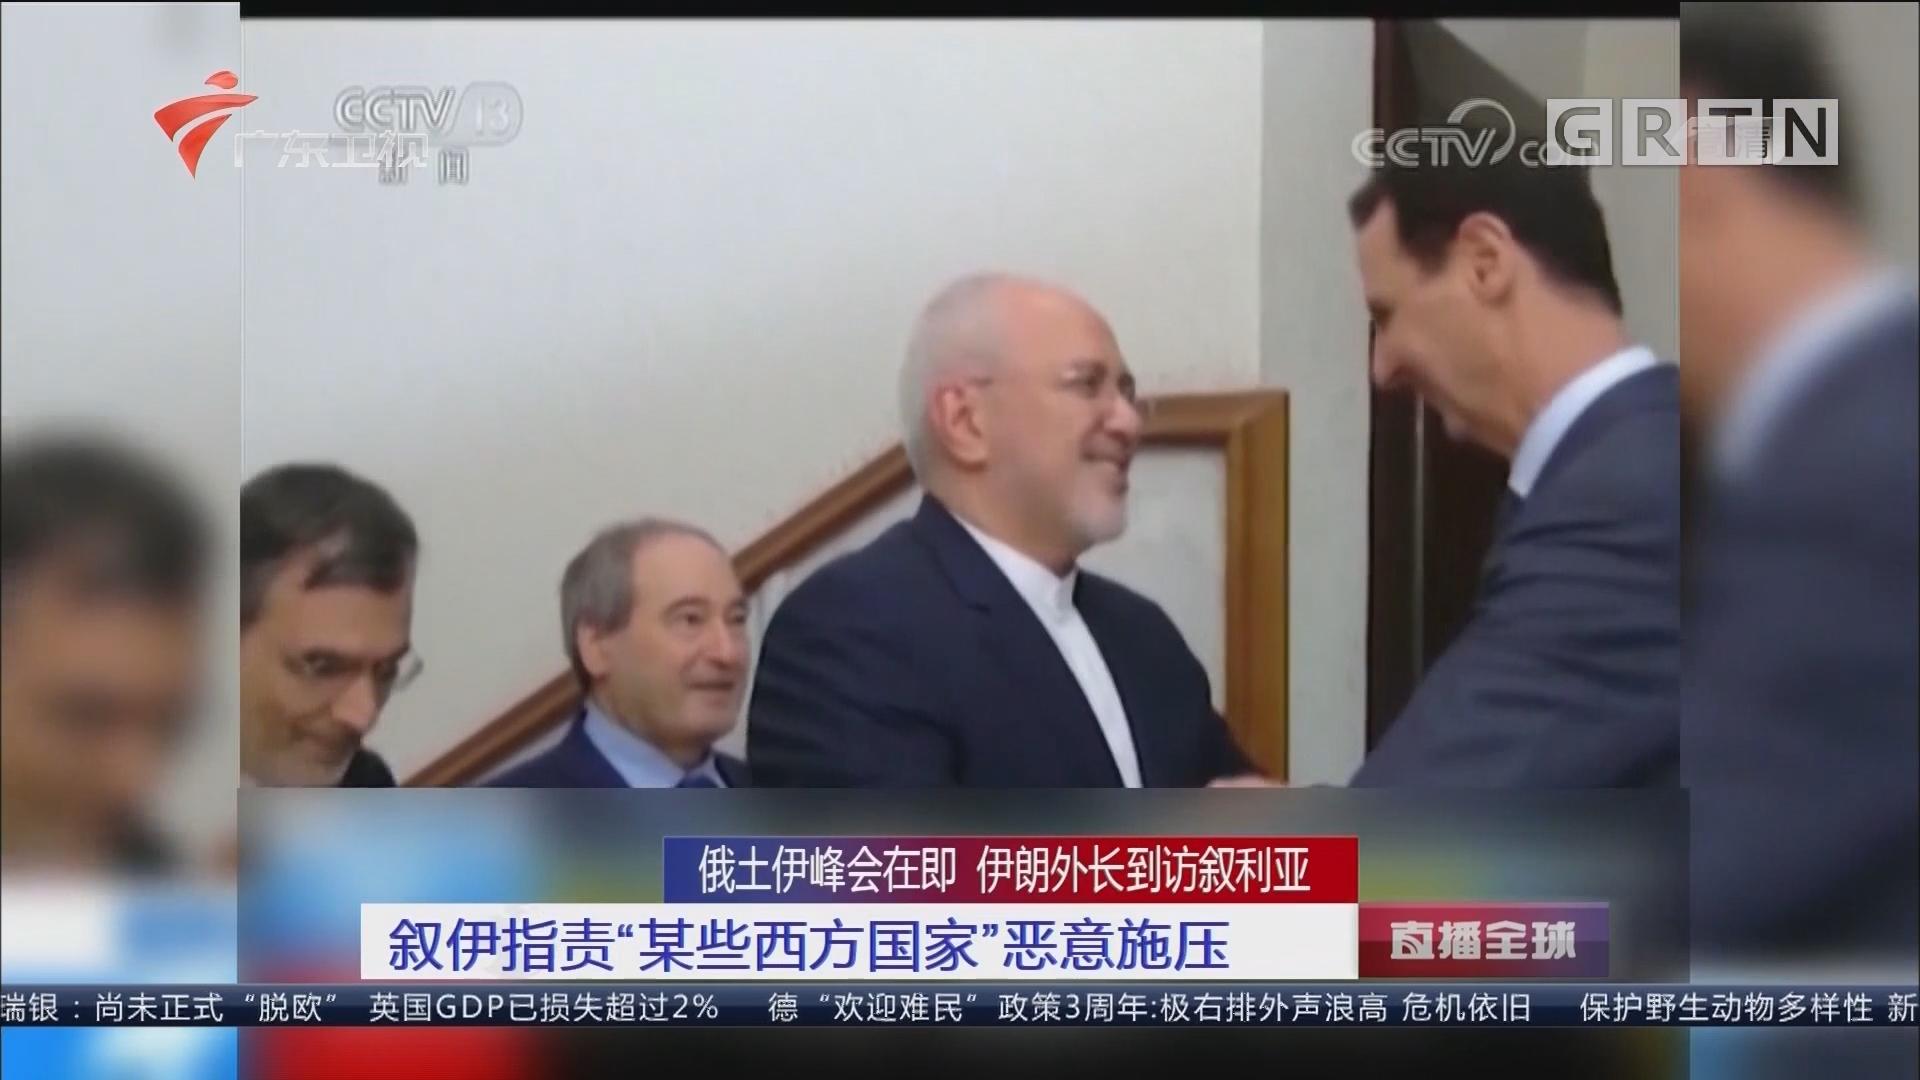 """俄土伊峰会在即 伊朗外长到访叙利亚:叙伊指责""""某些西方国家""""恶意施压"""